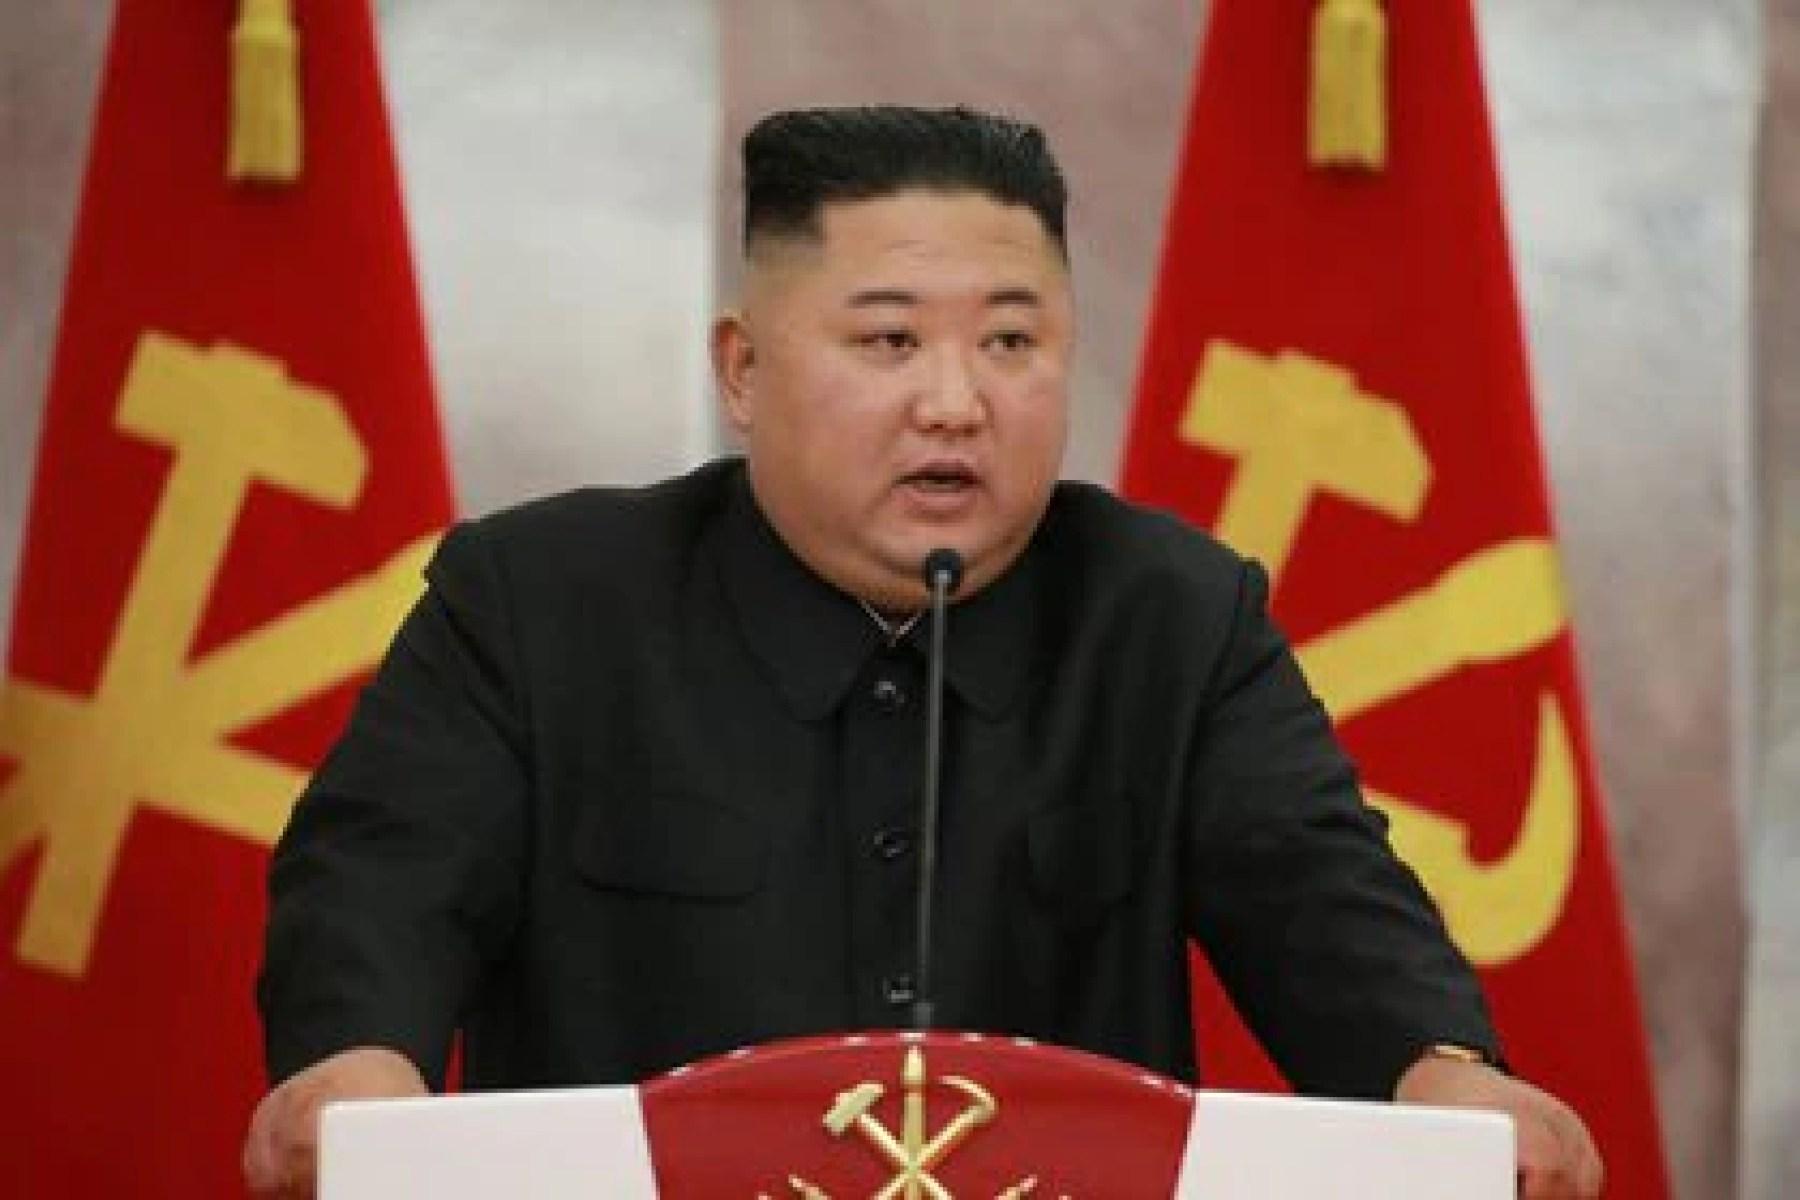 Corea del Norte está sujeto a sanciones de la ONU desde 2006 (KCNA/dpa)